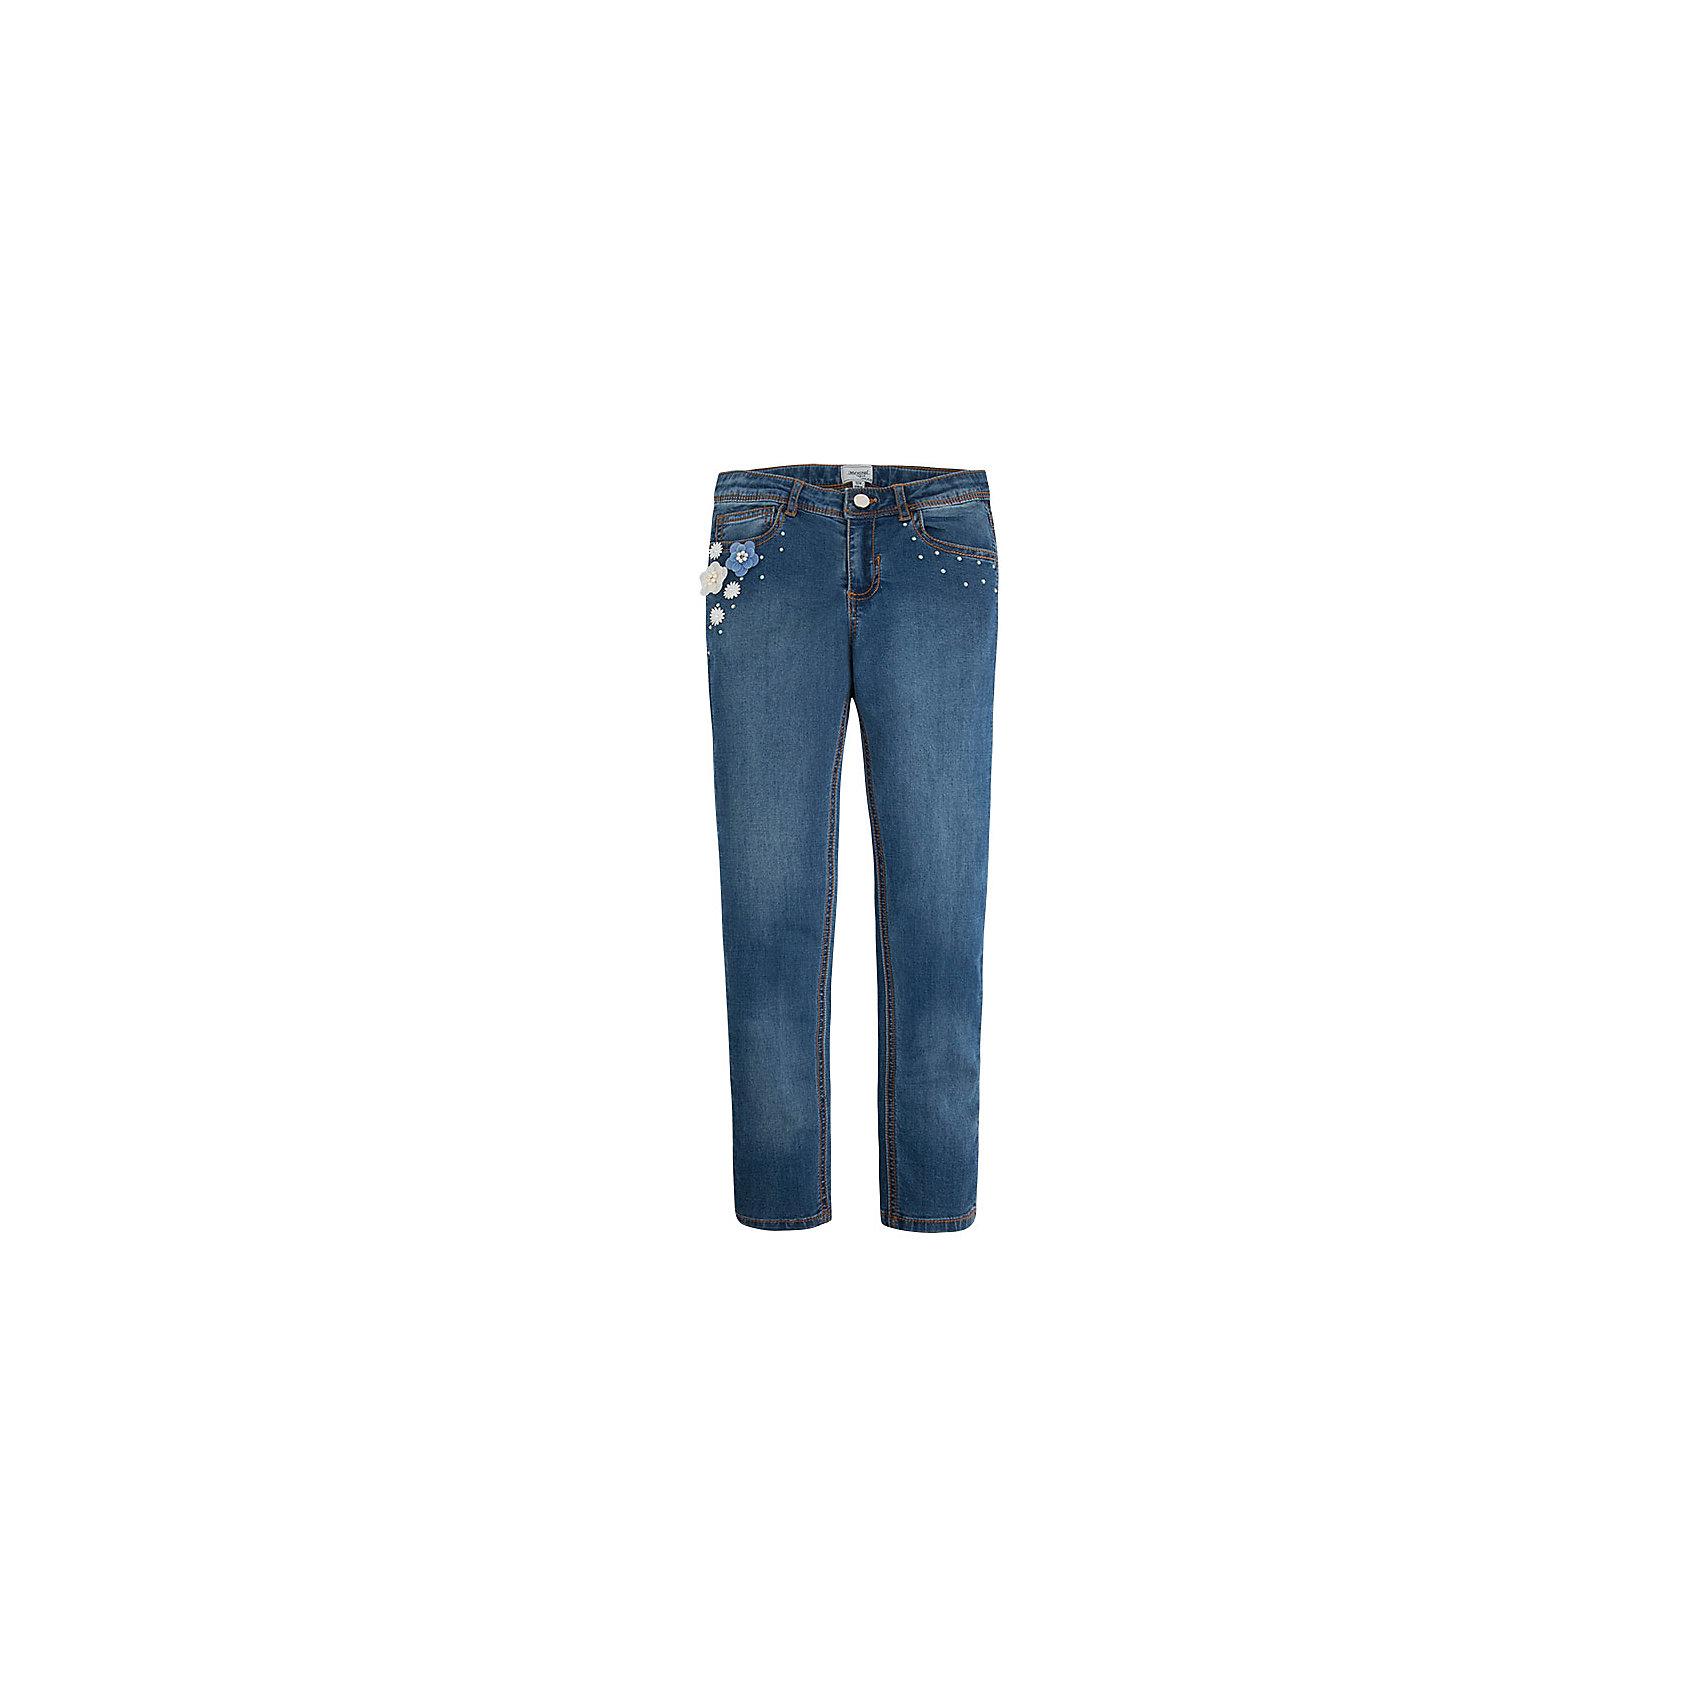 Джинсы для девочки MayoralДжинсовая одежда<br>Джинсы для девочки от известной испанской марки Mayoral прекрасно сочетаются с различными предметами гардероба. Отличный вариант для повседневной носки.<br><br>Дополнительная информация:<br><br>- Прямой крой брючин. <br>- Тип застежки: молния, кнопка.<br>- Количество карманов: 5. <br>- Тип карманов: втачные, накладные. <br>- Регулировка на талии с помощью внутренней резинки.  <br>- Нежная объемная аппликация в виде цветов, пластиковые бусинки. <br>- Состав: 98% хлопок, 2% эластан.<br><br>Джинсы для девочки Mayoral (Майорал) можно купить в нашем магазине.<br><br>Ширина мм: 215<br>Глубина мм: 88<br>Высота мм: 191<br>Вес г: 336<br>Цвет: синий<br>Возраст от месяцев: 84<br>Возраст до месяцев: 96<br>Пол: Женский<br>Возраст: Детский<br>Размер: 140,170,158,152,128,164<br>SKU: 4538630